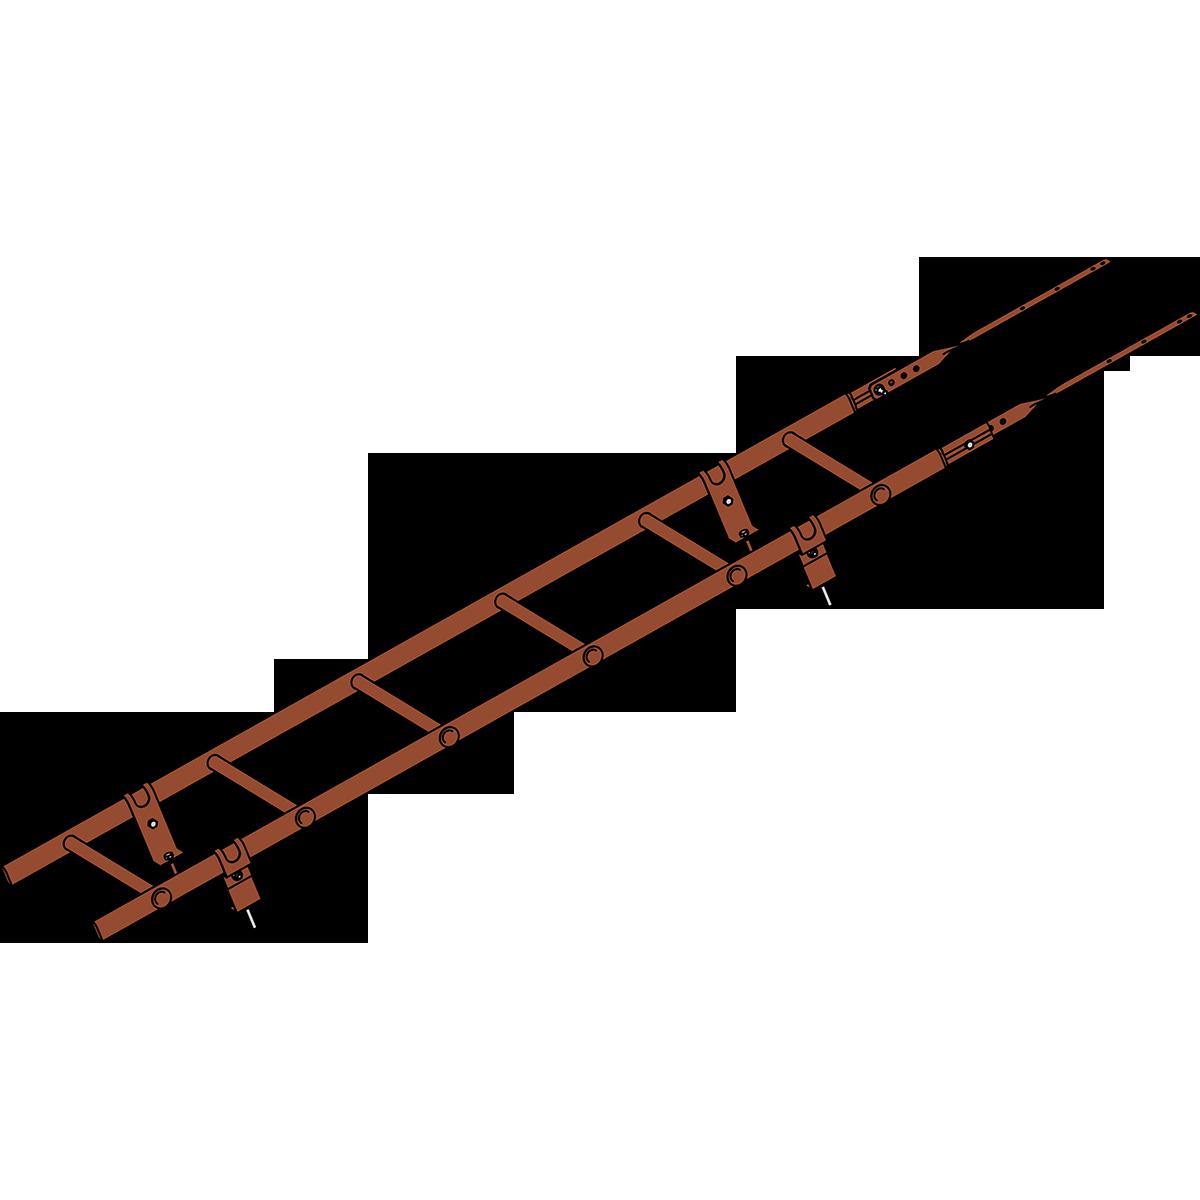 Лестница кровельная ROOFSYSTEMS PRESTIGE ZN 45х25 (овал) 400 унивеpсальная 1,2 м RAL 8004 Коричневая медь